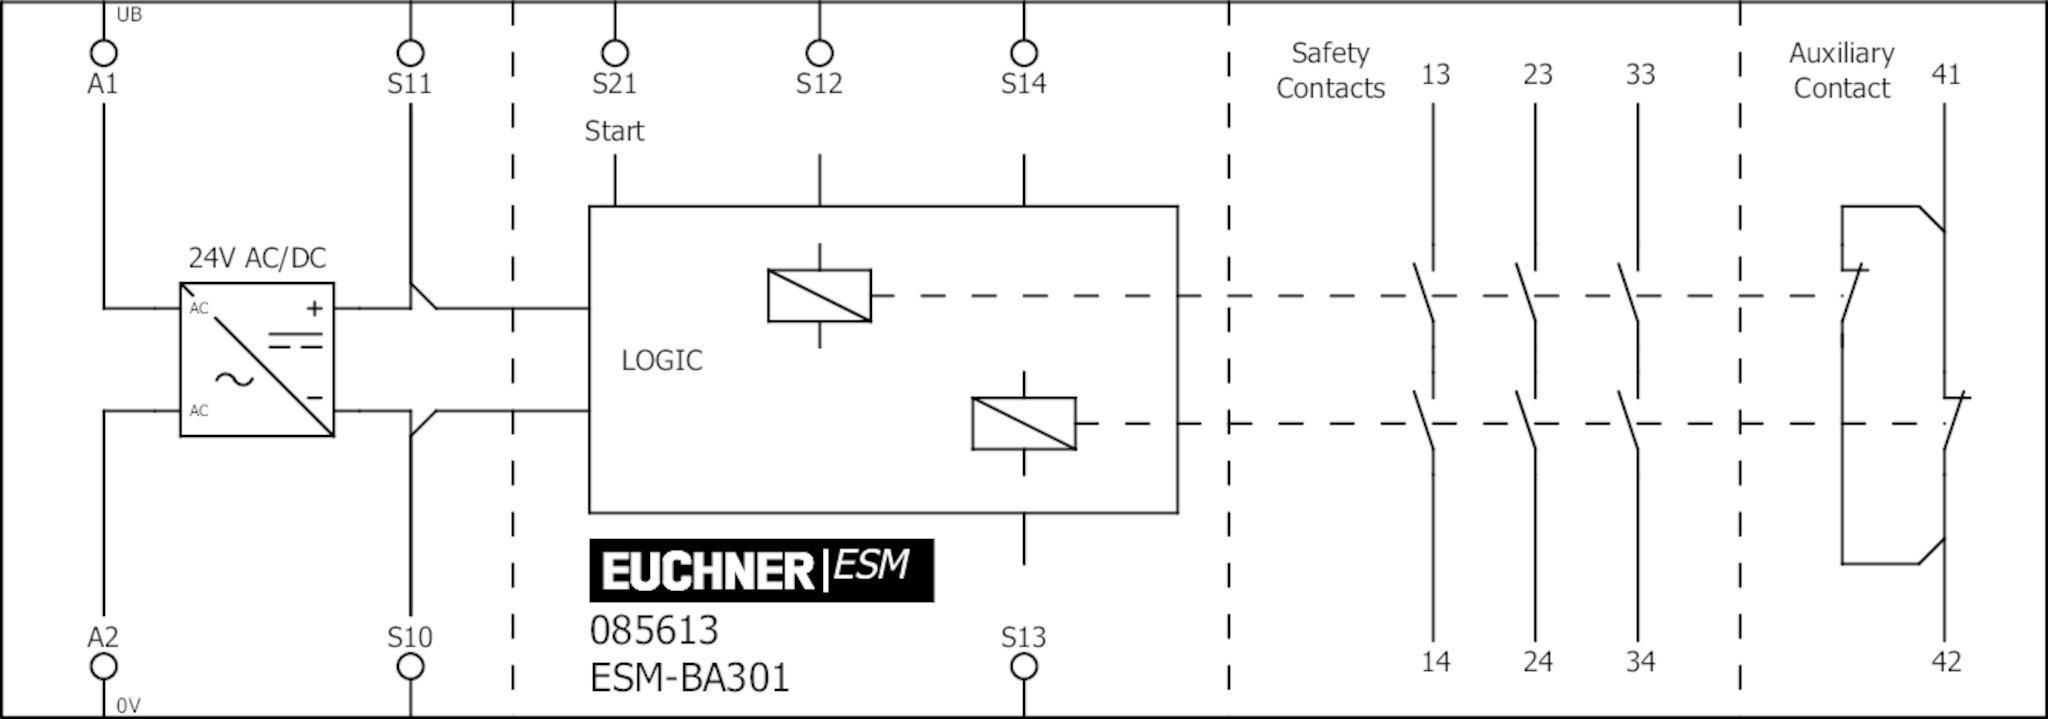 Short Circuit Detection Wiring Diagram 2